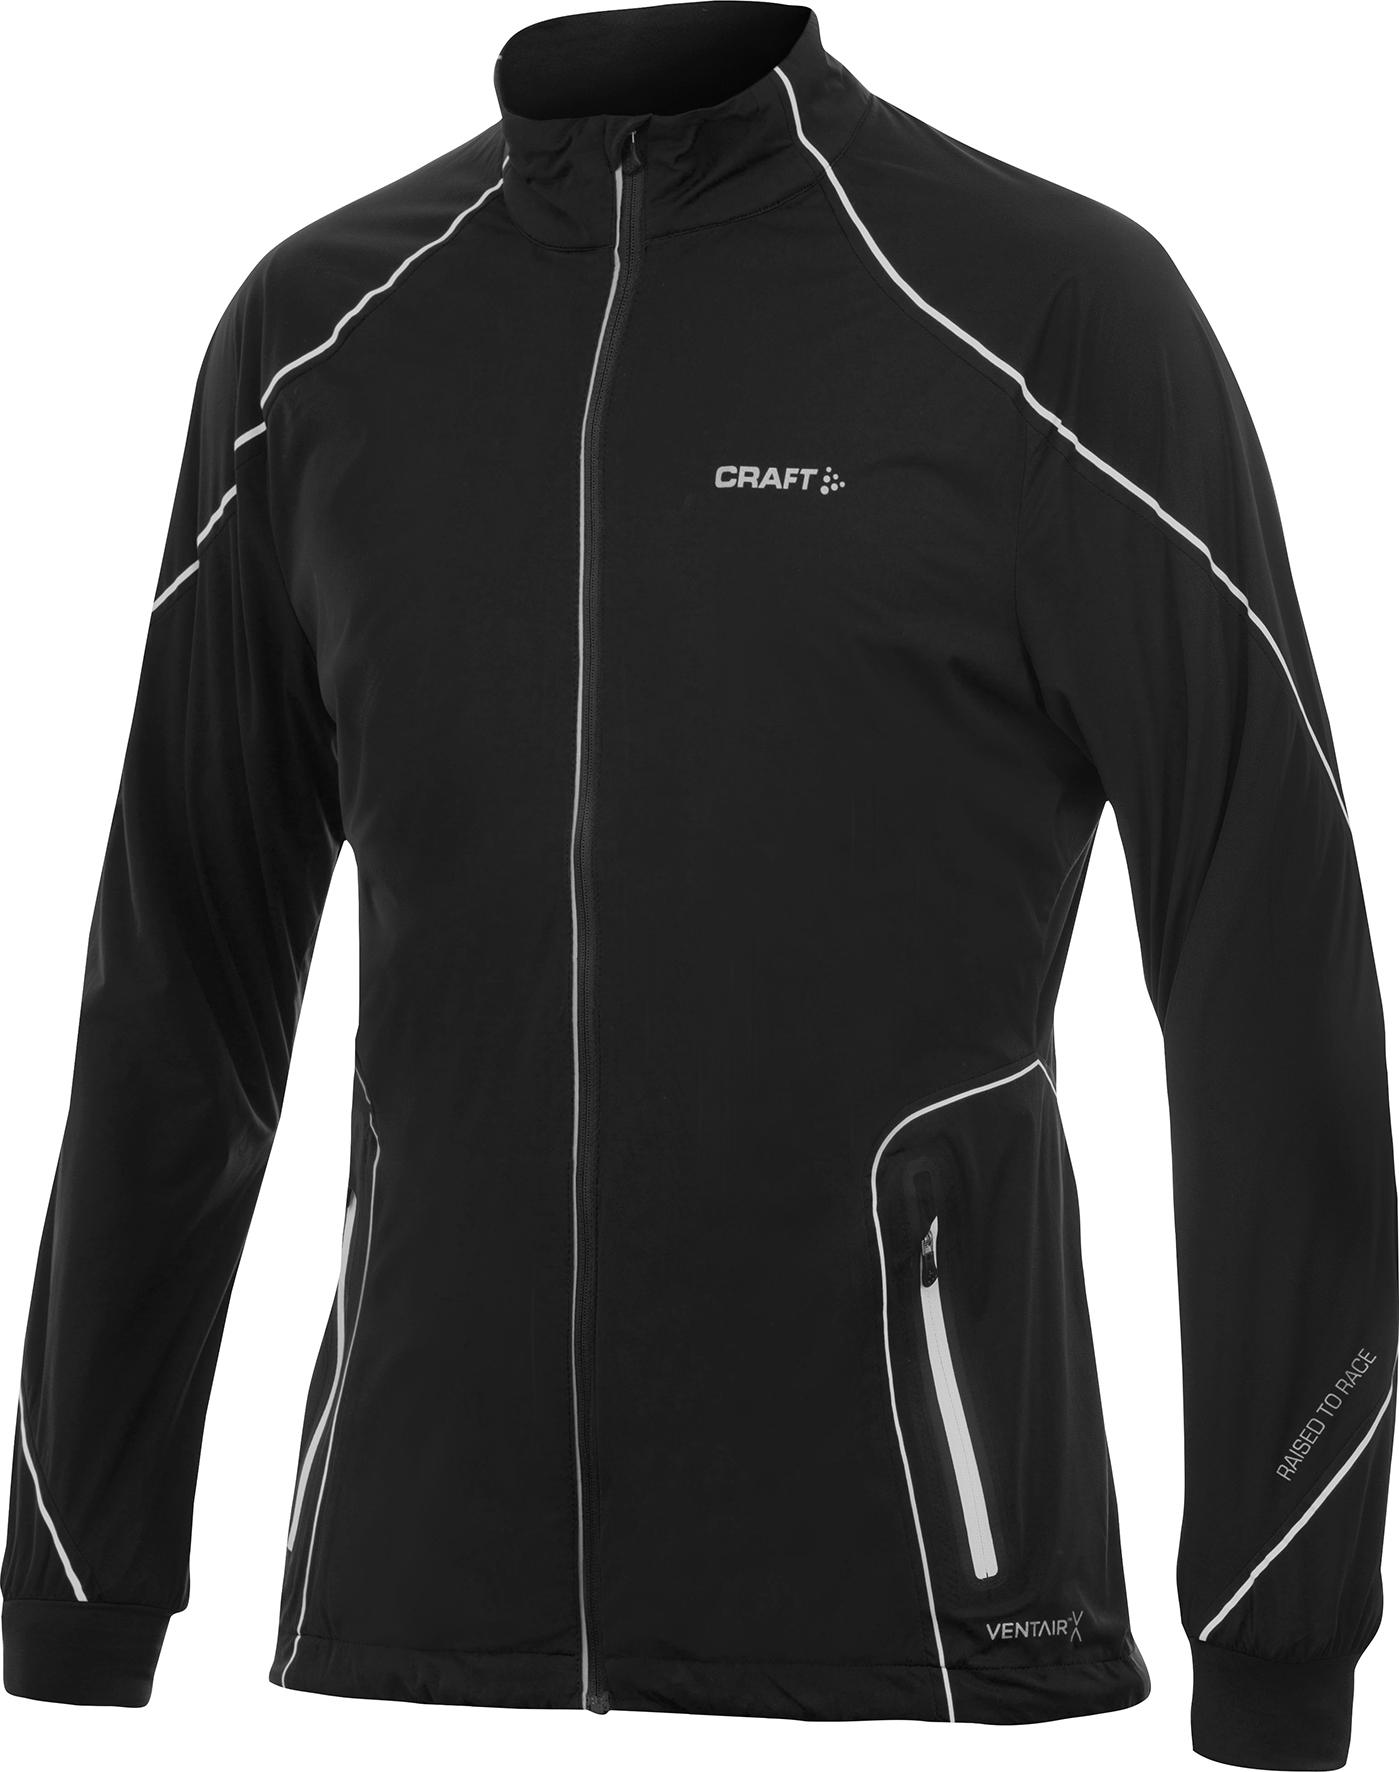 Мужская лыжная куртка Craft Performance XC High Function (1902269-9900)